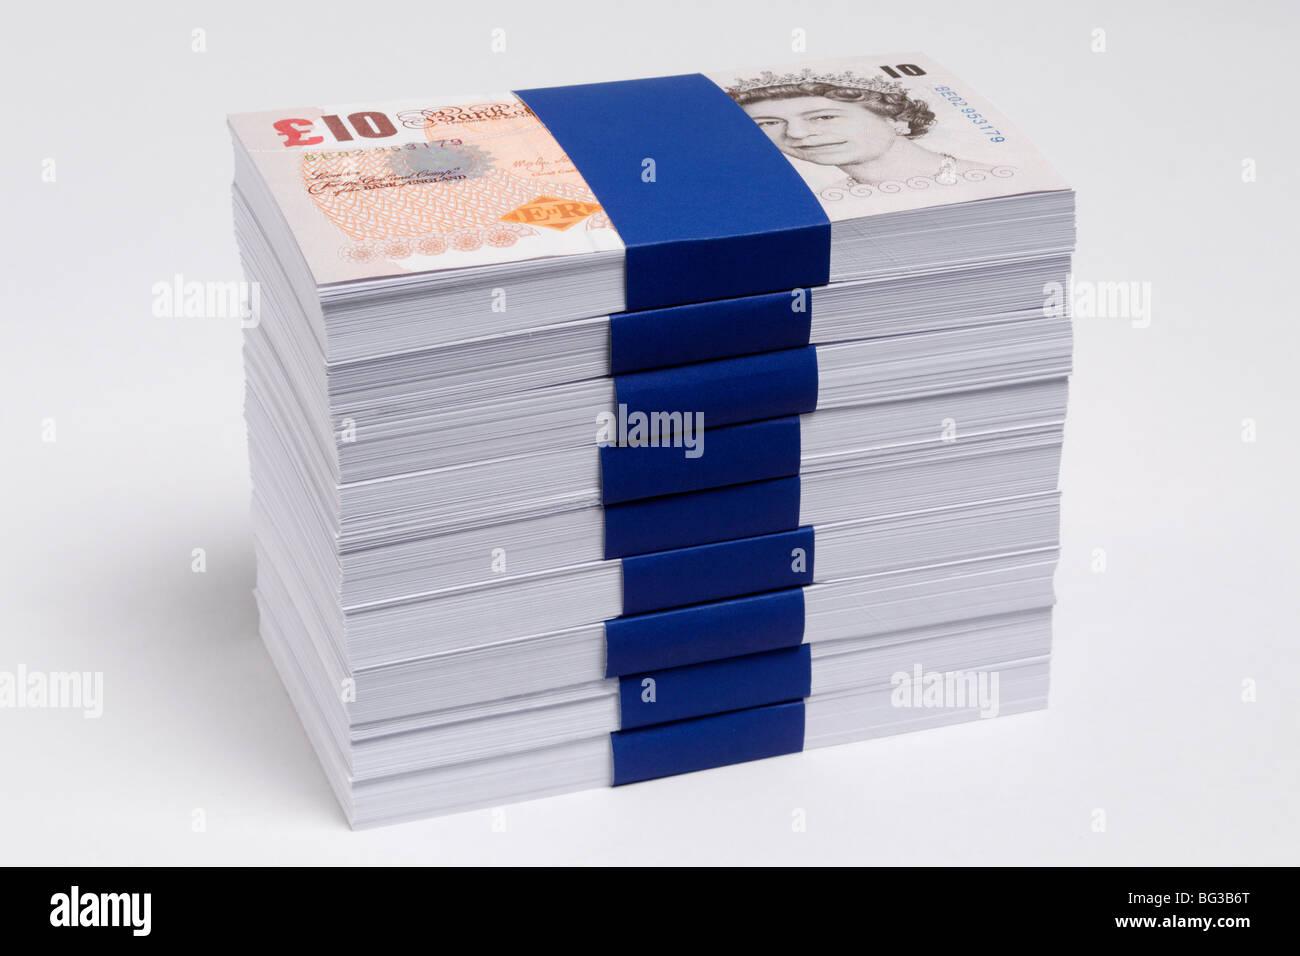 Ten Pound notes - Stock Image